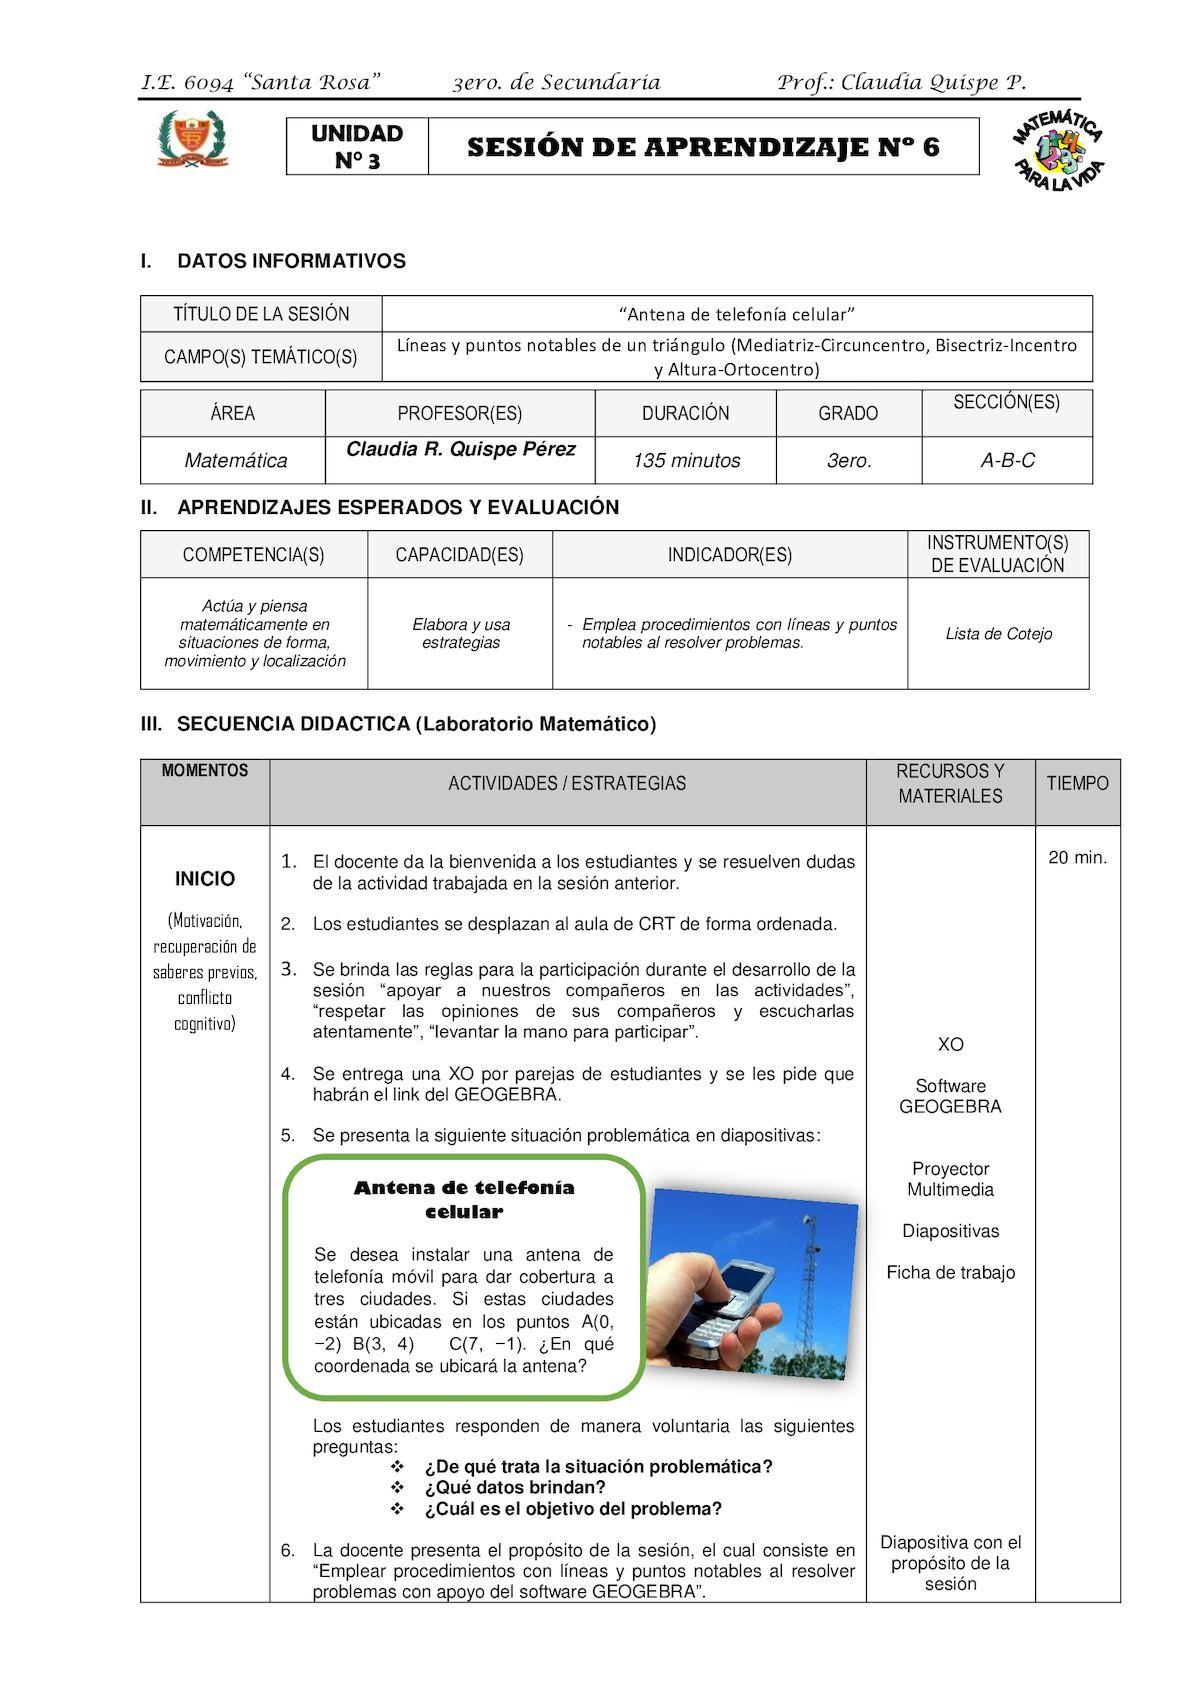 Archivo 5_SA_3ero.2016_Telefonía celular_ Laboratorio Matemático